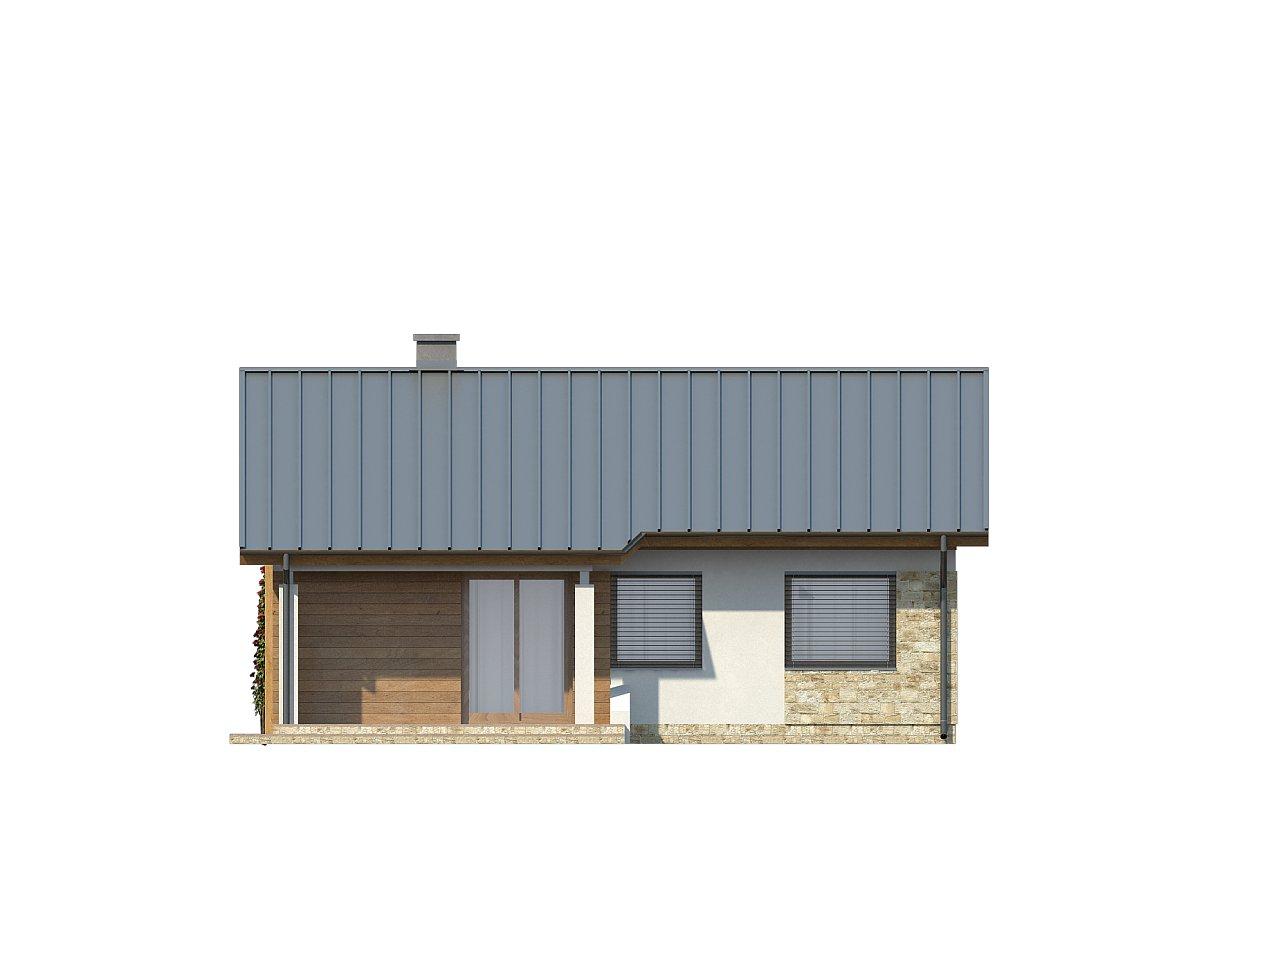 Аккуратный небольшой одноэтажный дом простой конструкции с кухней со стороны сада. 13